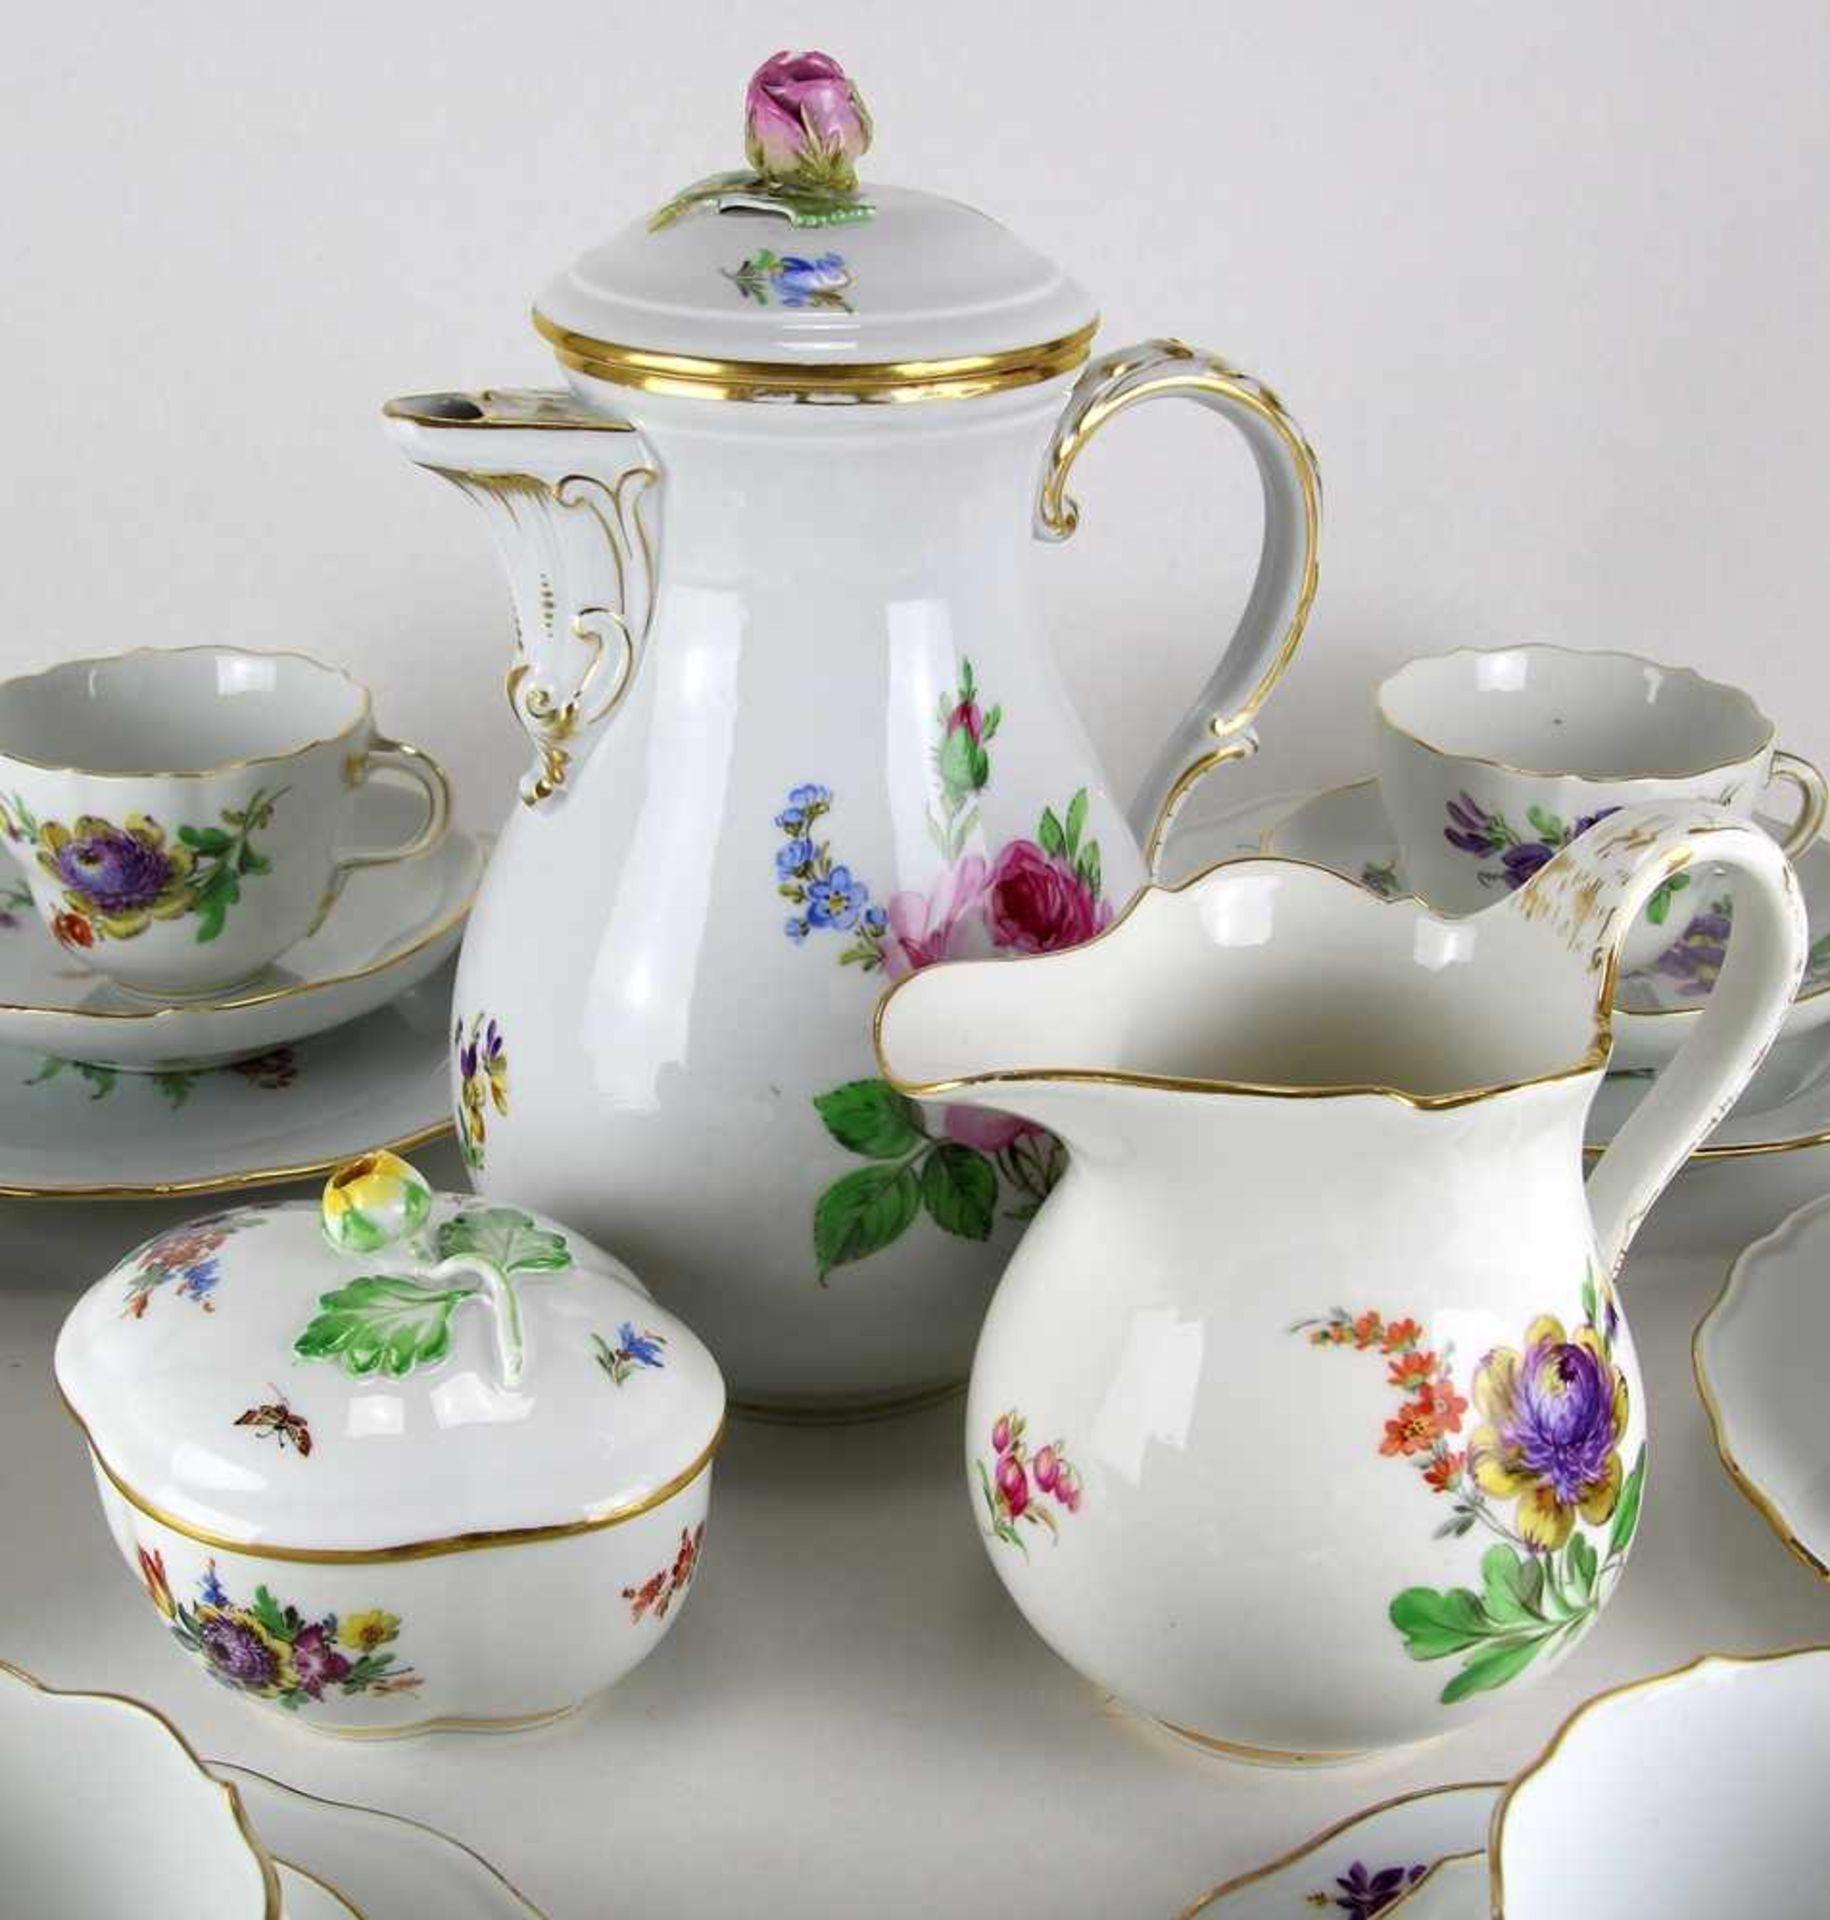 KaffeeserviceMeissen 20. Jh. Form Neuer Ausschnitt meist mit Blumenbuket und zwei Beiblumen. - Bild 2 aus 4